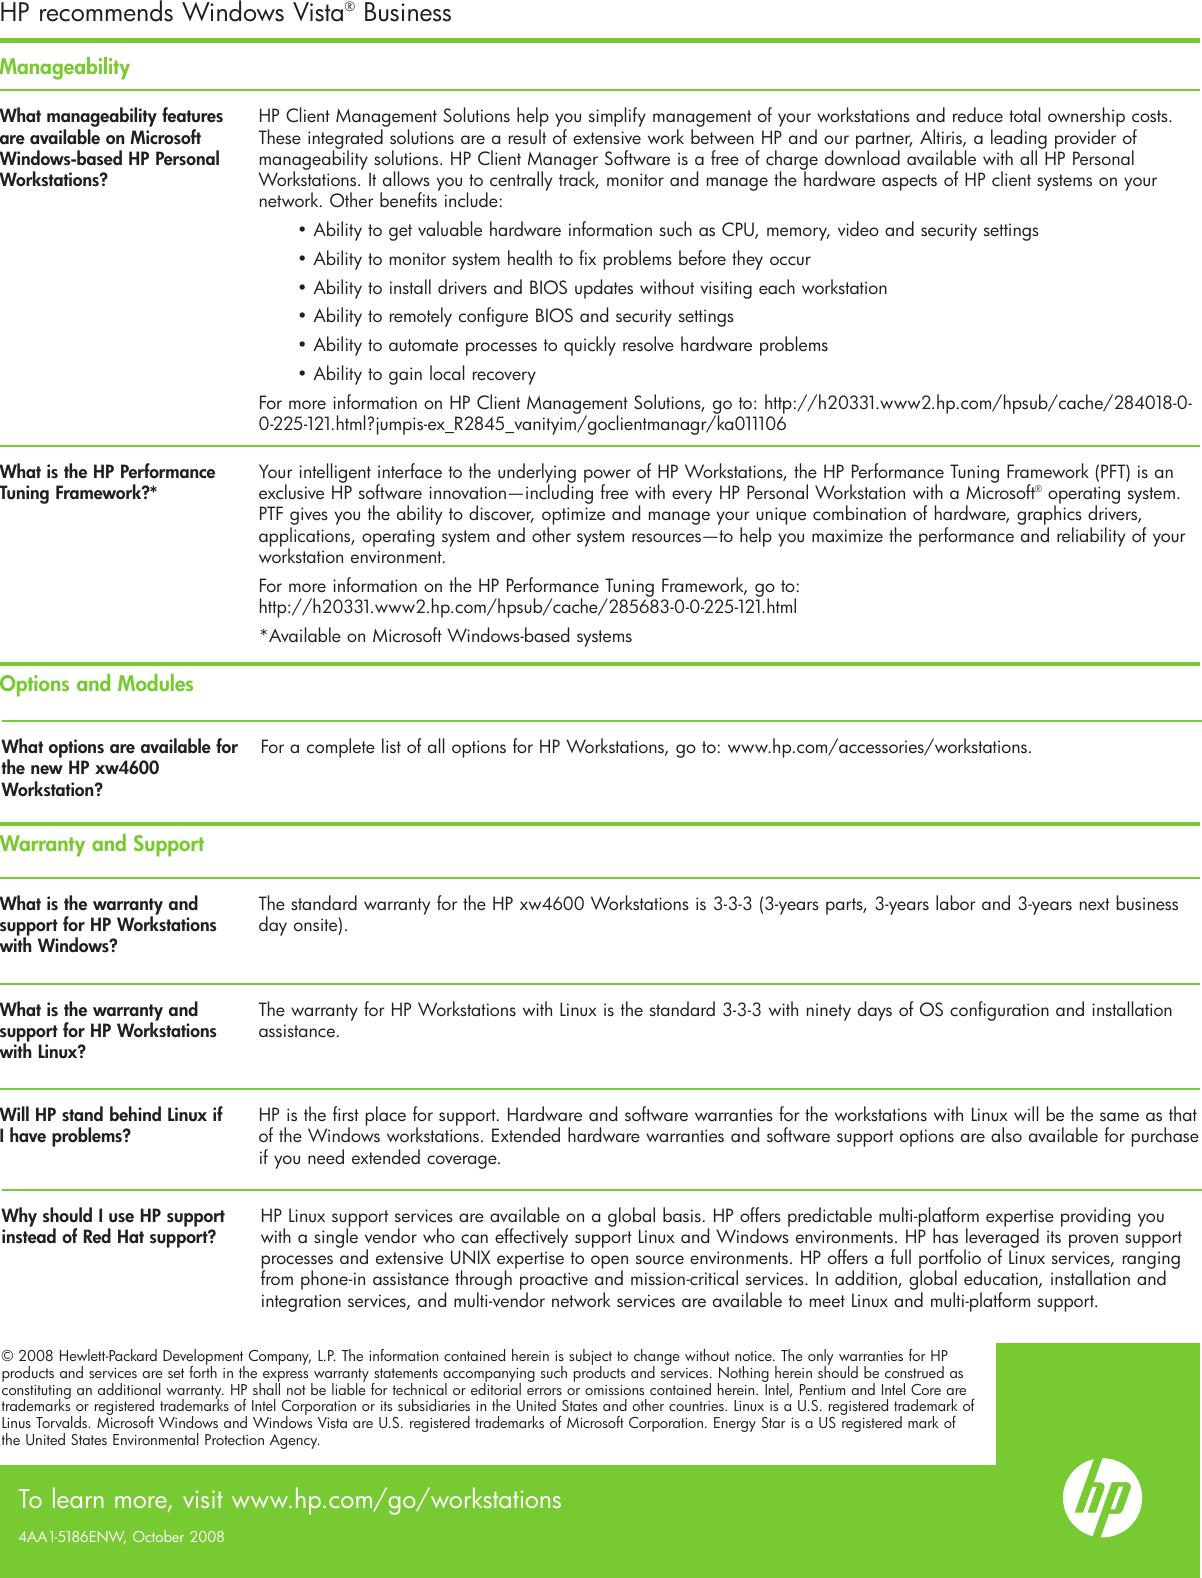 Hp Xw4600Workstation Xw4600 Users Manual FAQ_oct08_101208